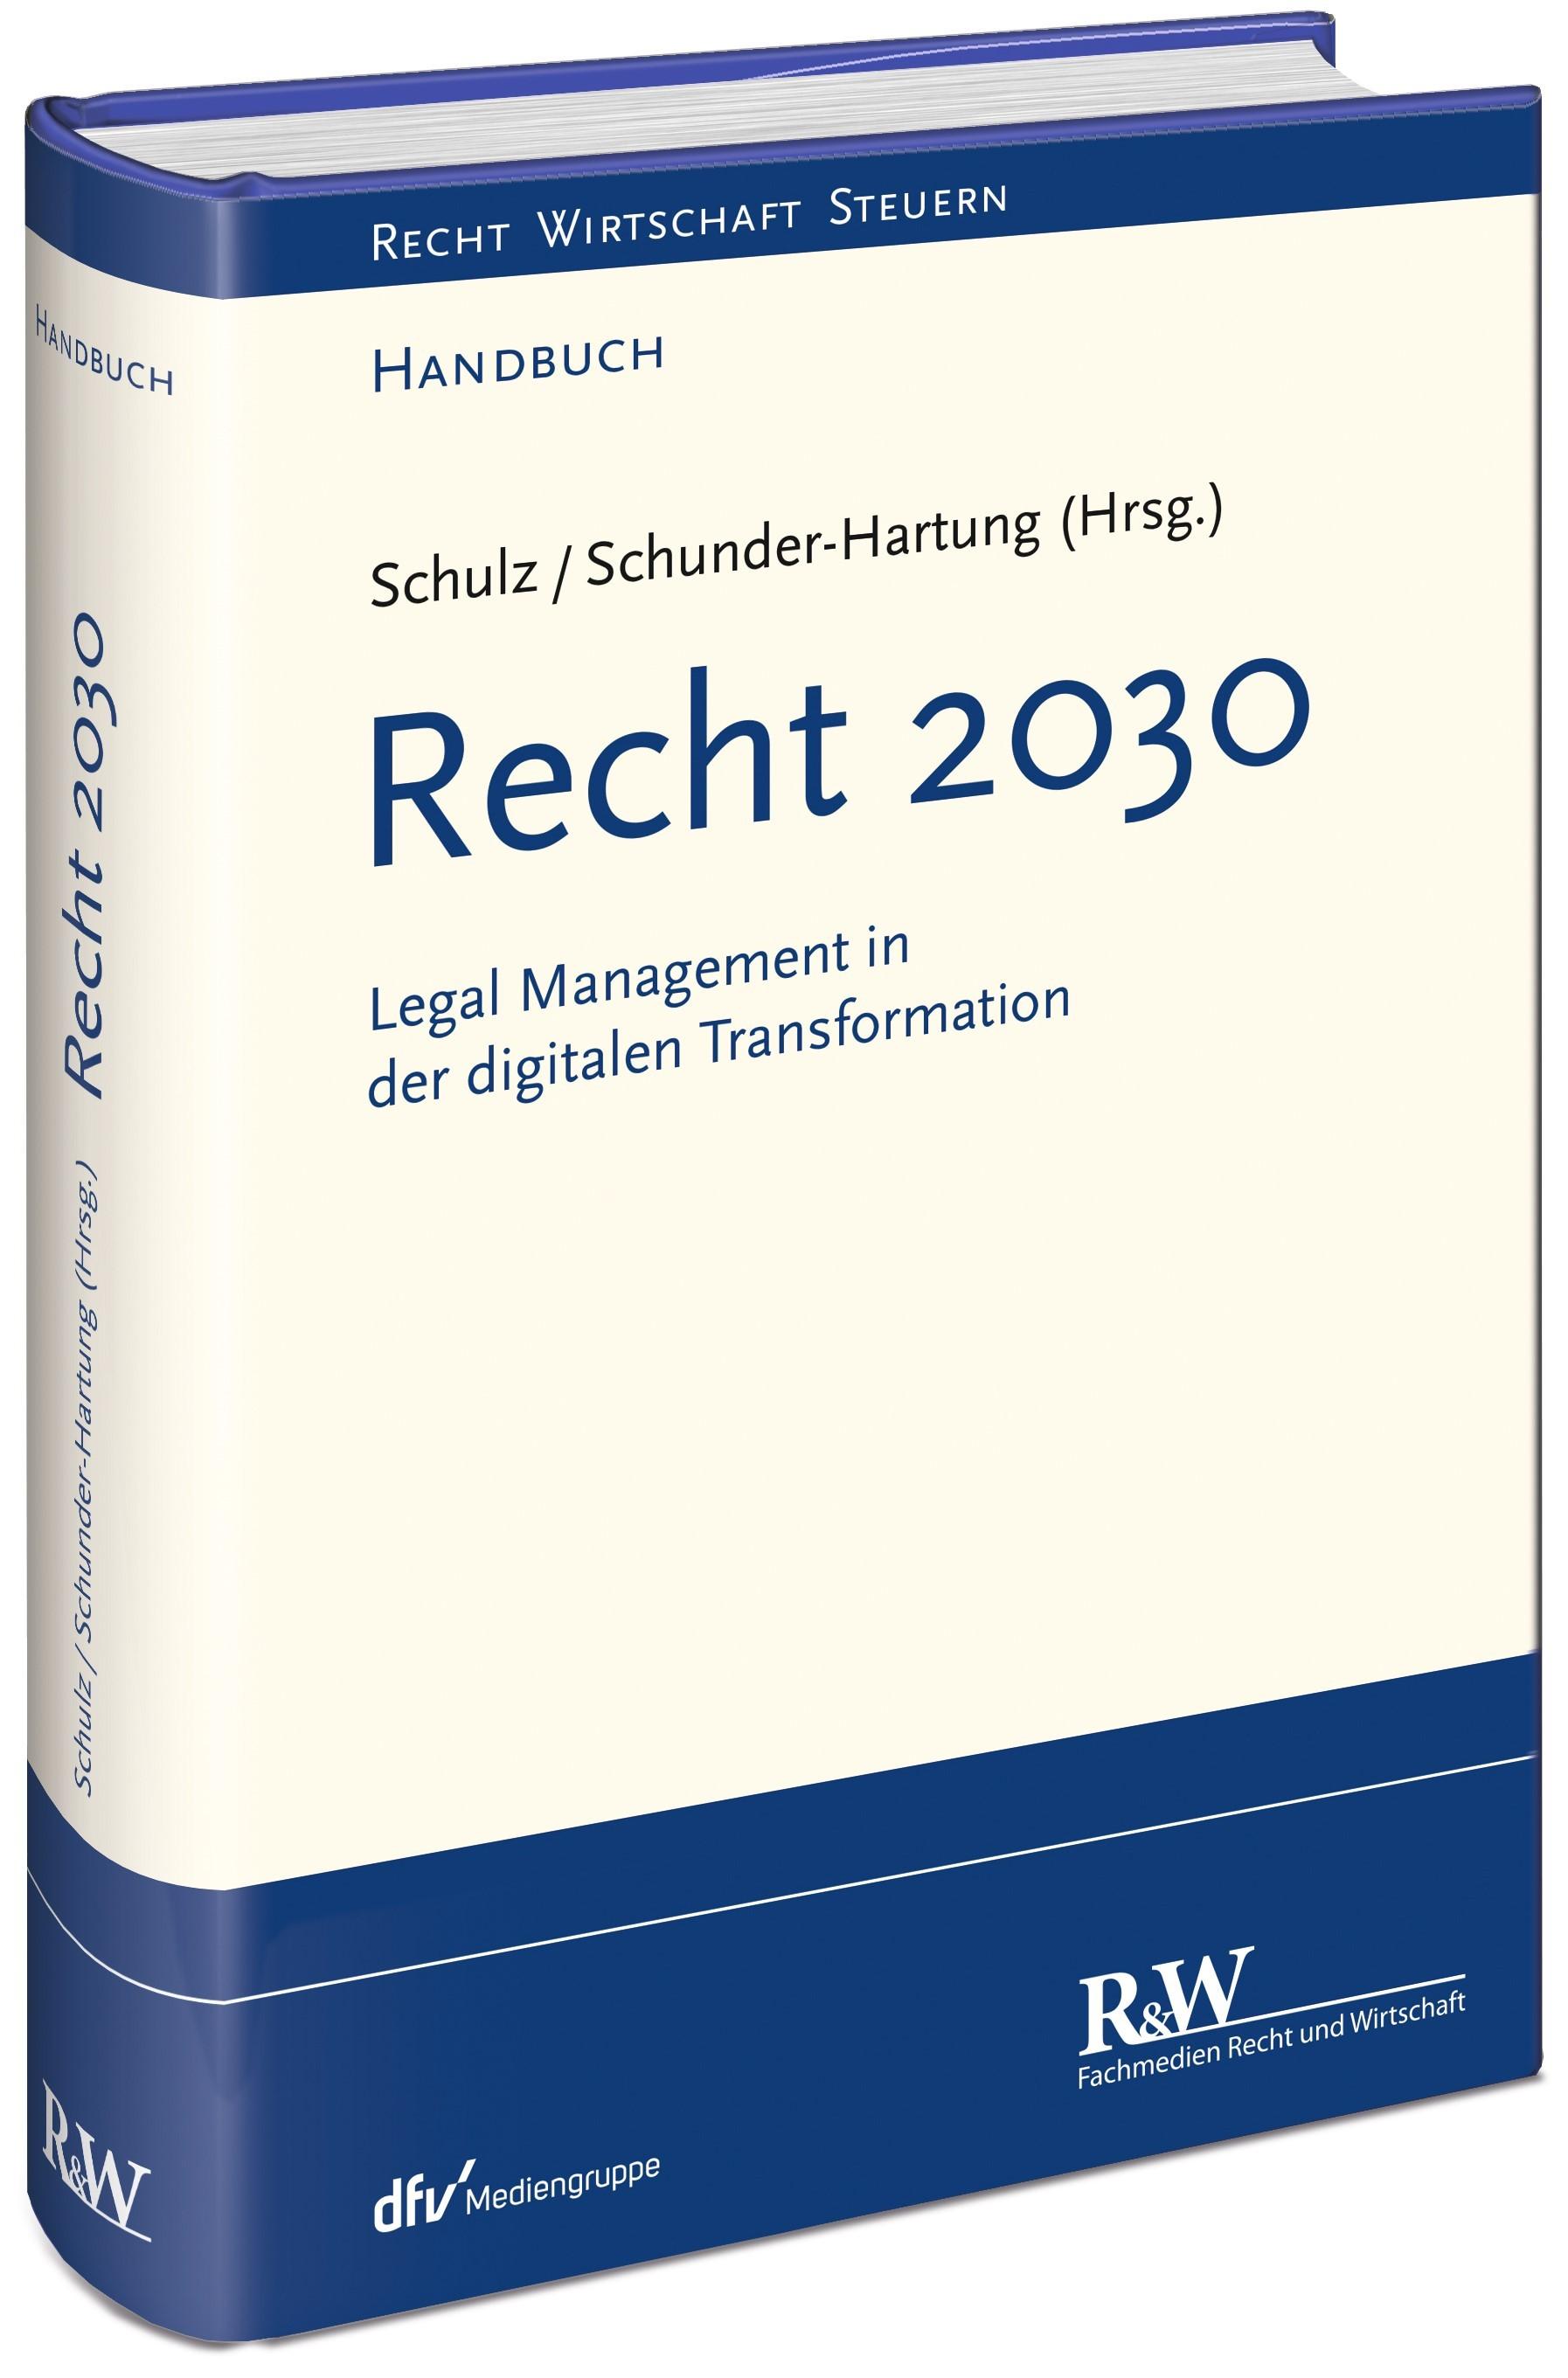 Recht 2030 | Schulz / Schunder-Hartung (Hrsg.), 2019 | Buch (Cover)